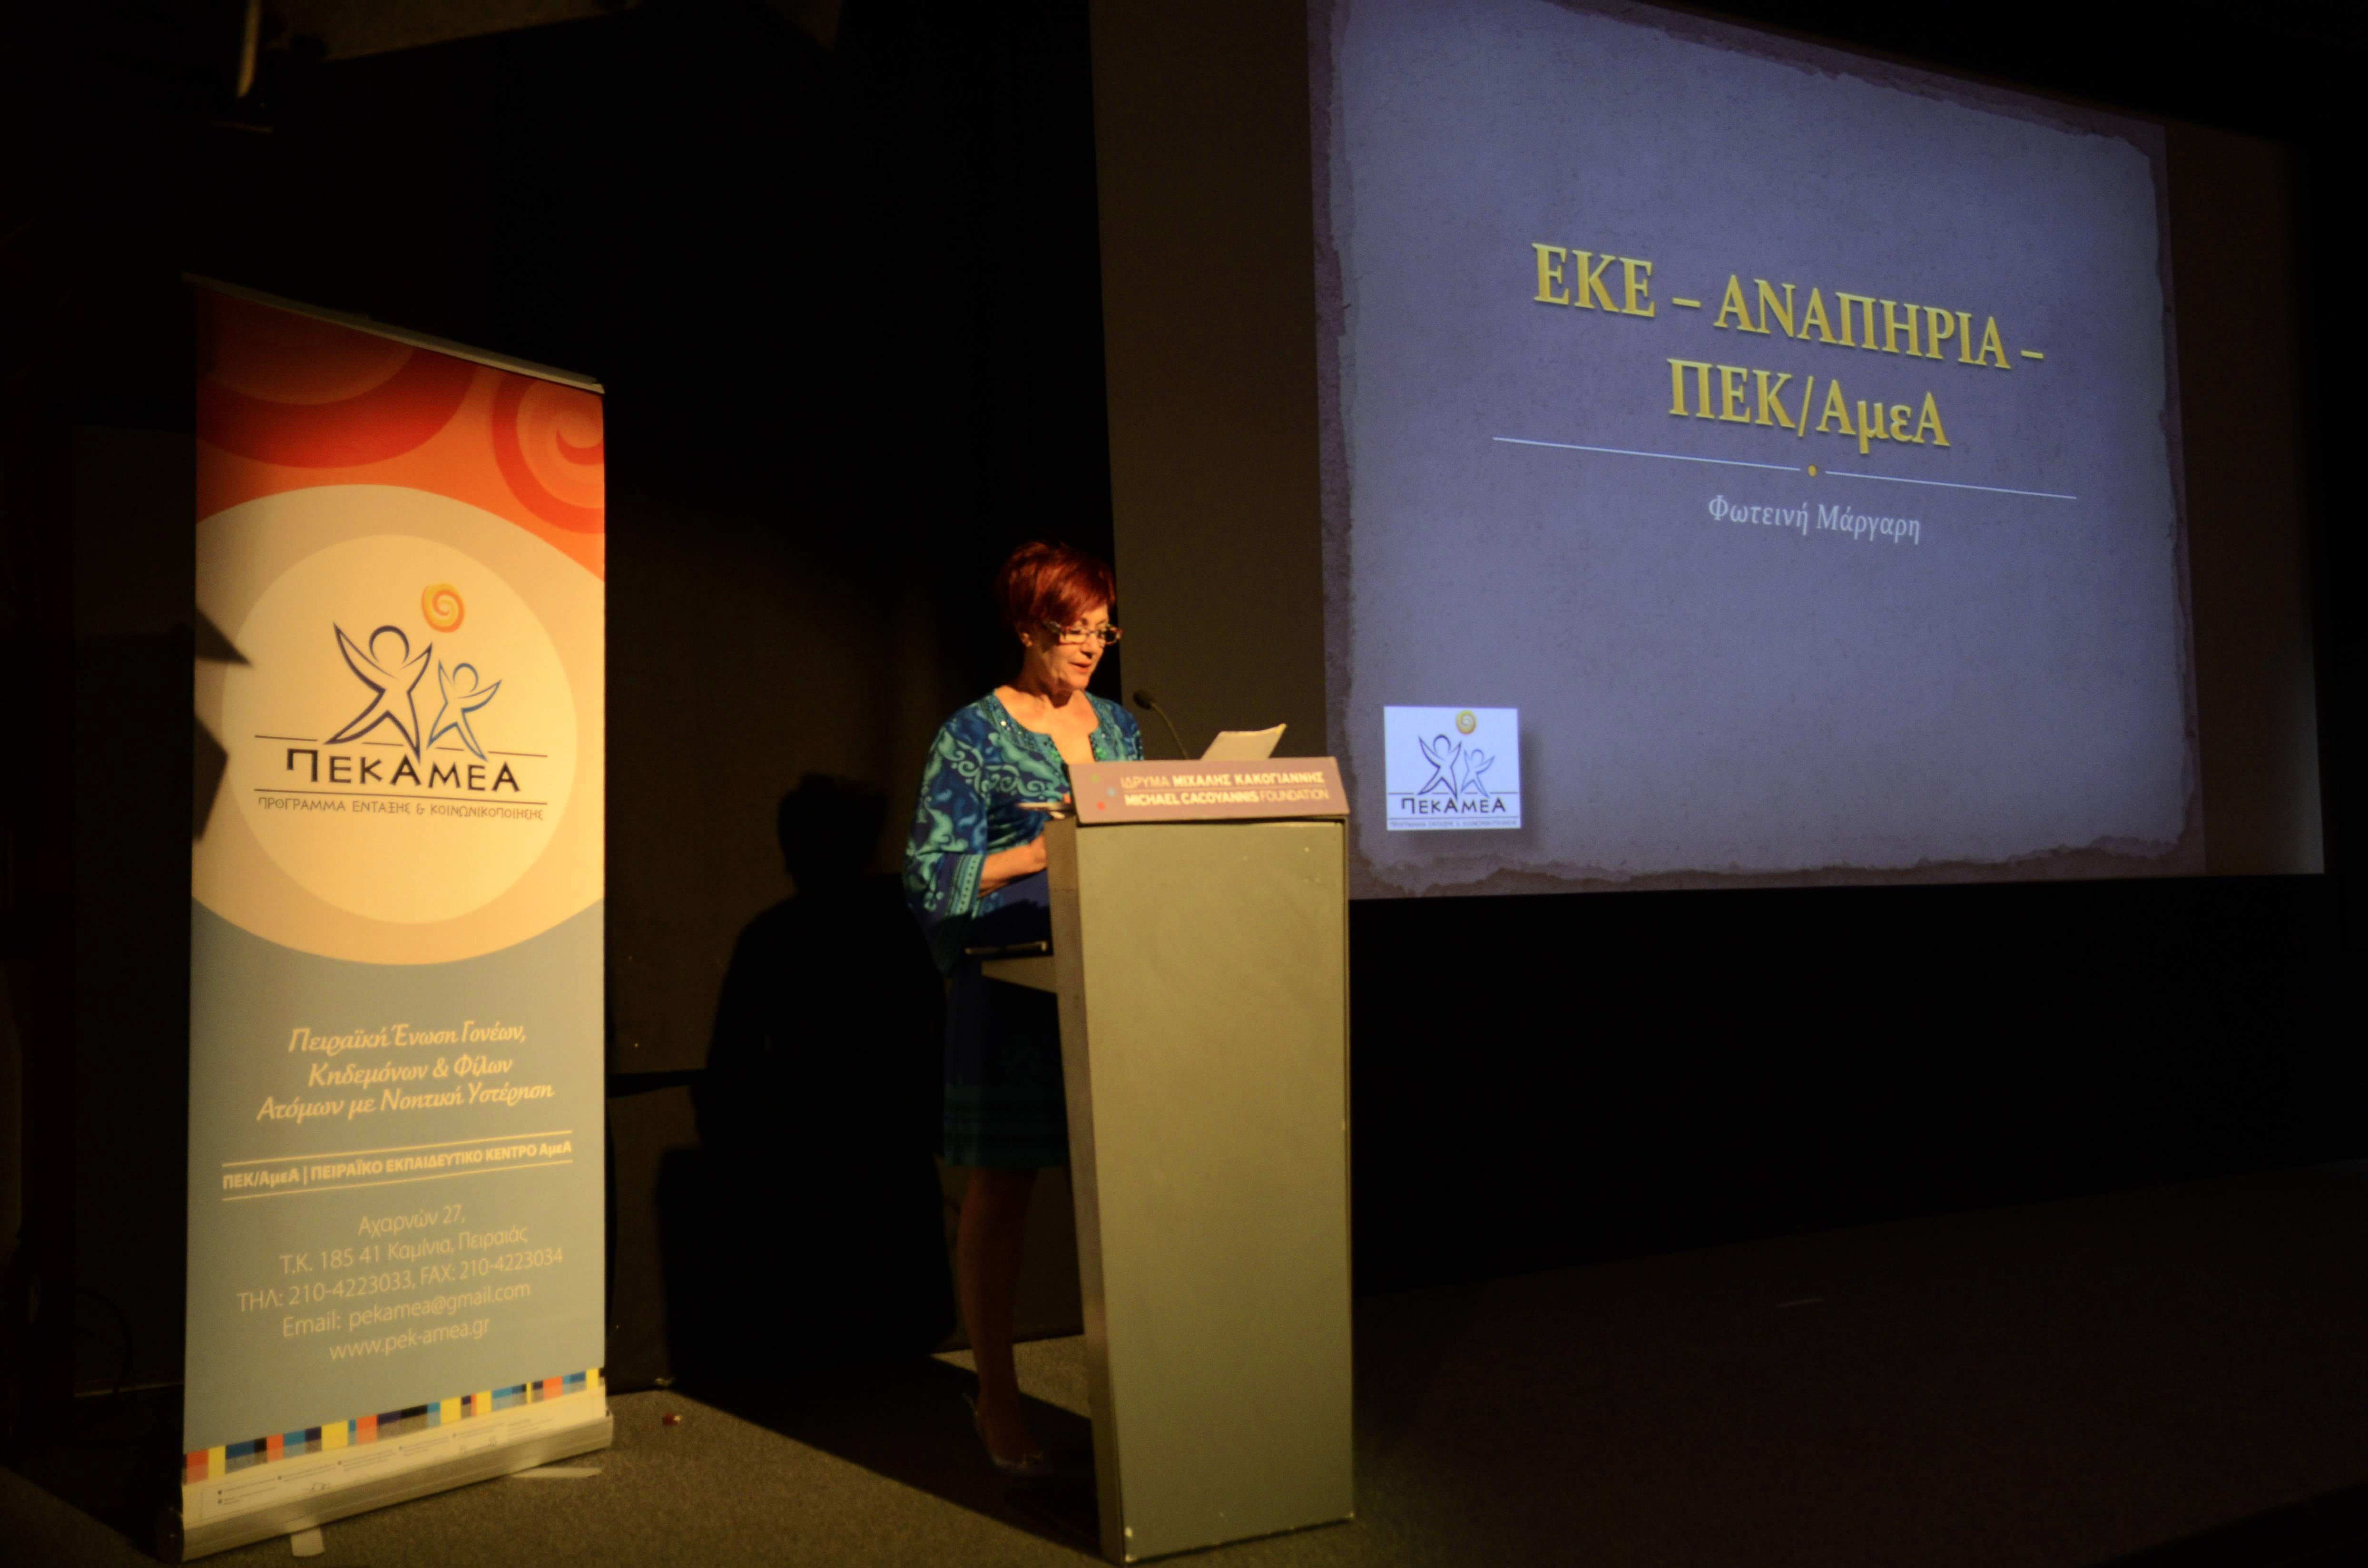 """Η κα Φωτεινή Μάργαρη, Πρόεδρος ΔΣ του ΠΕΚ/ΑμεΑ - """"ΕΚΕ - Αναπηρία - ΠΕΚ/ΑμεΑ"""""""